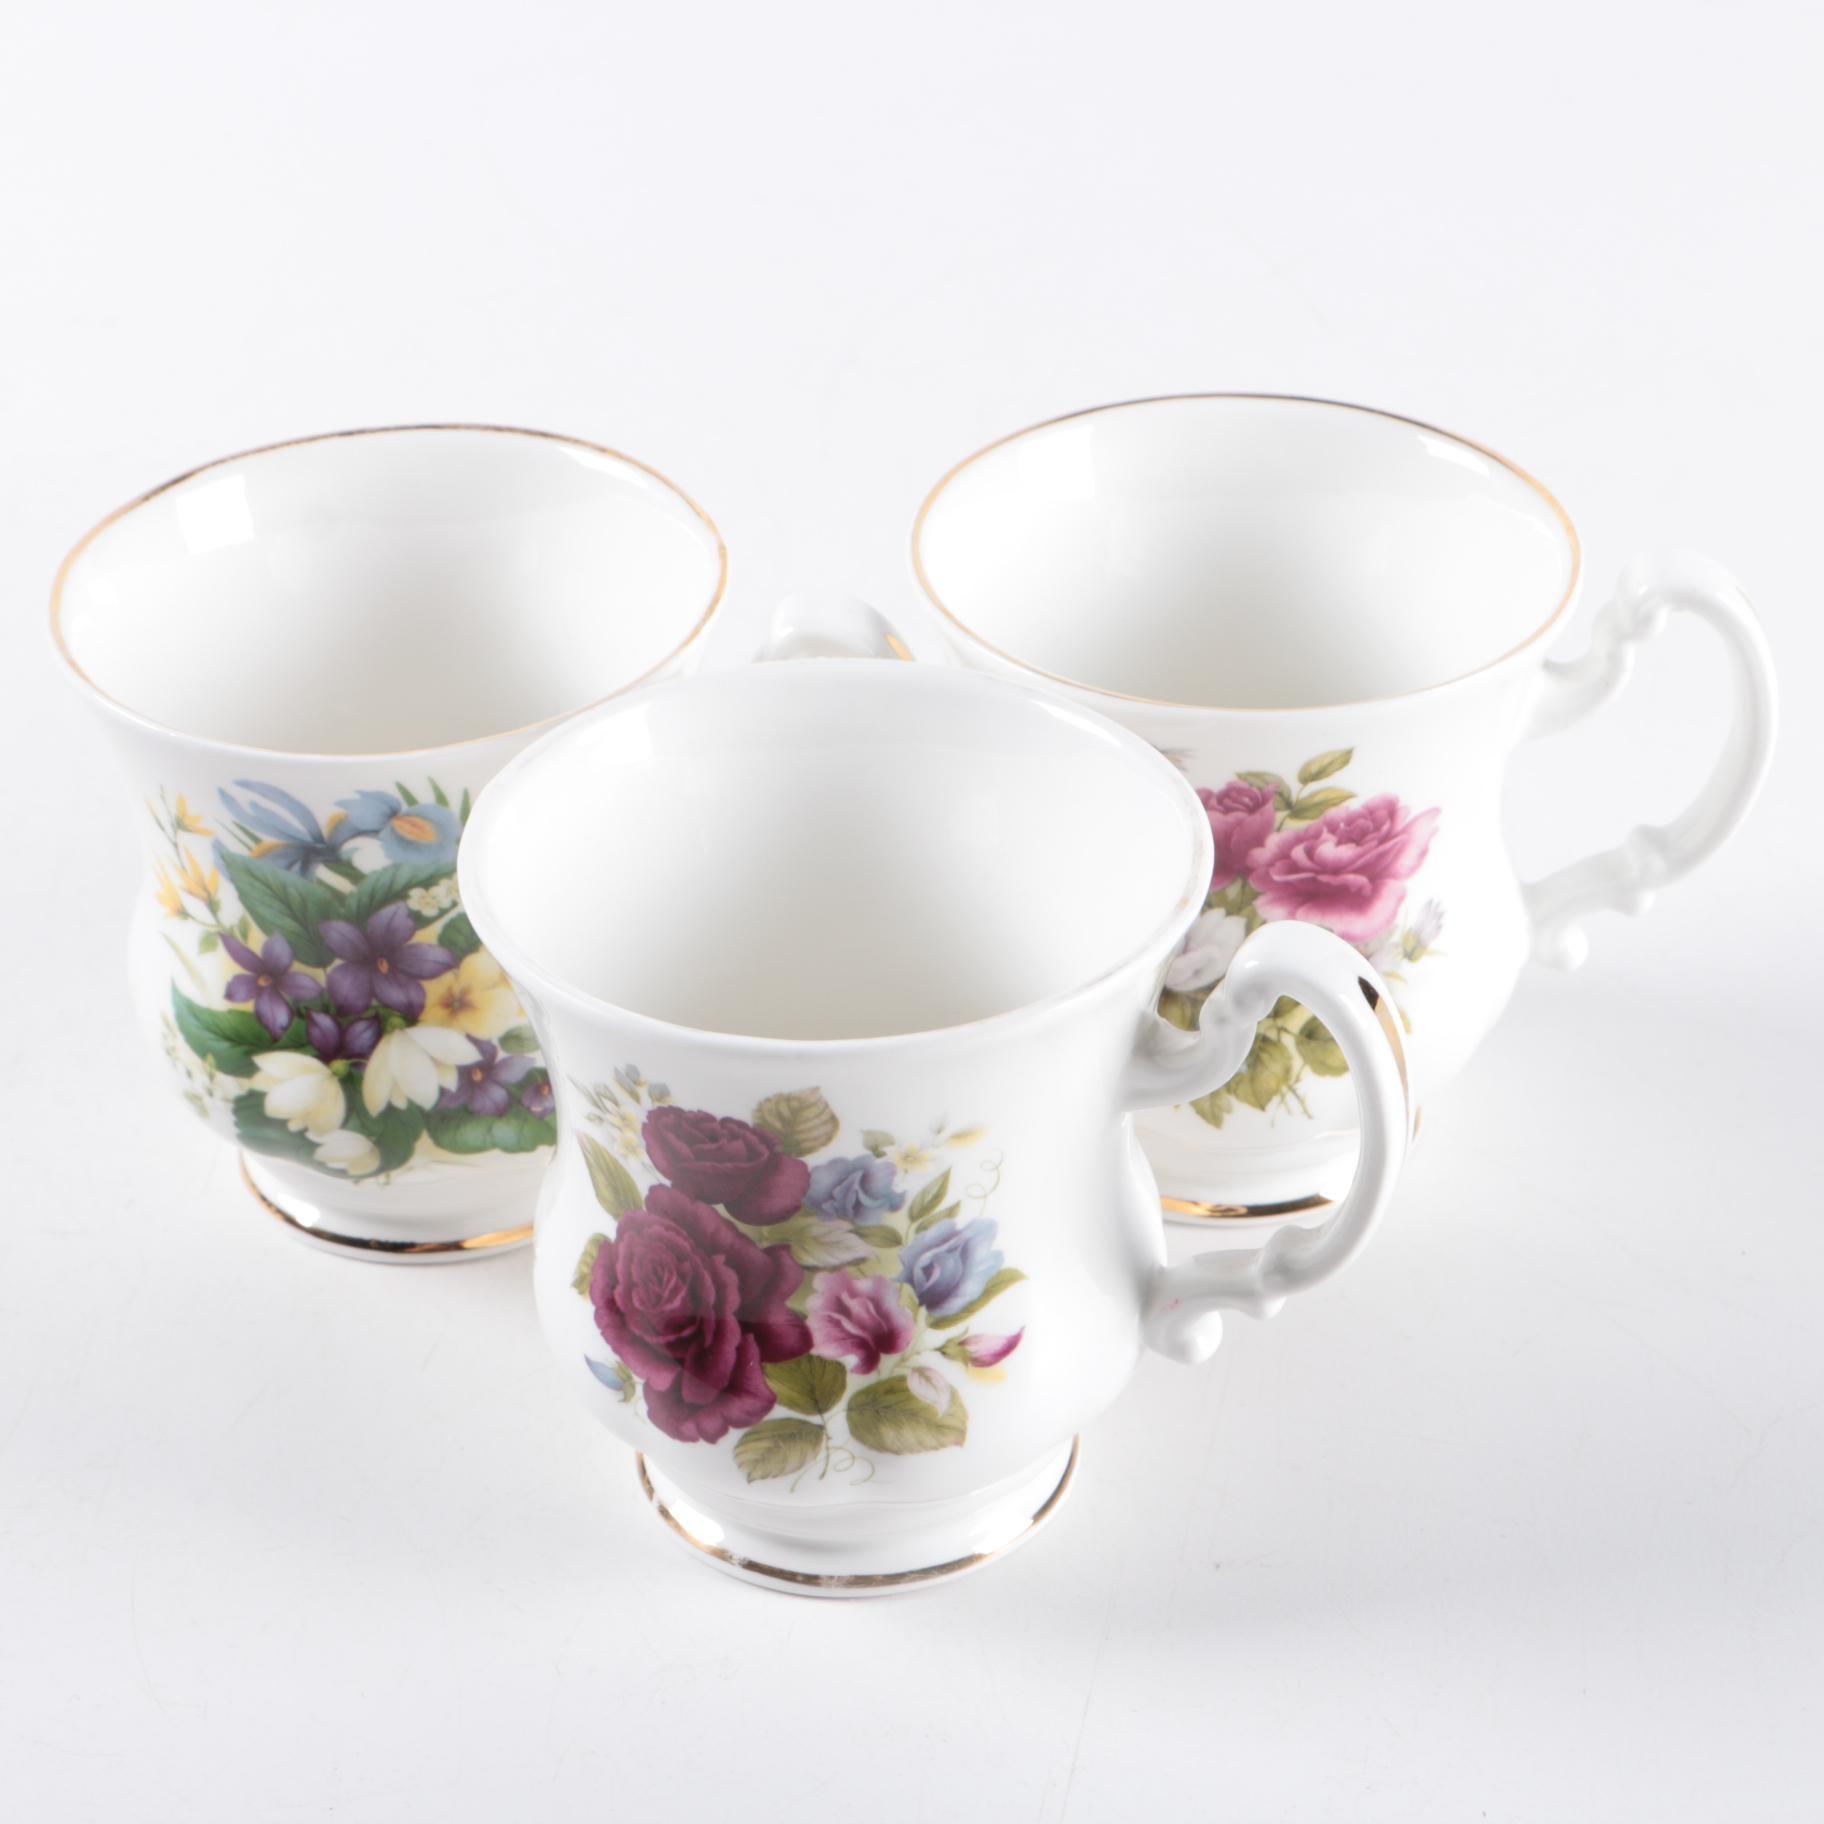 Royal Park Bone China Teacups